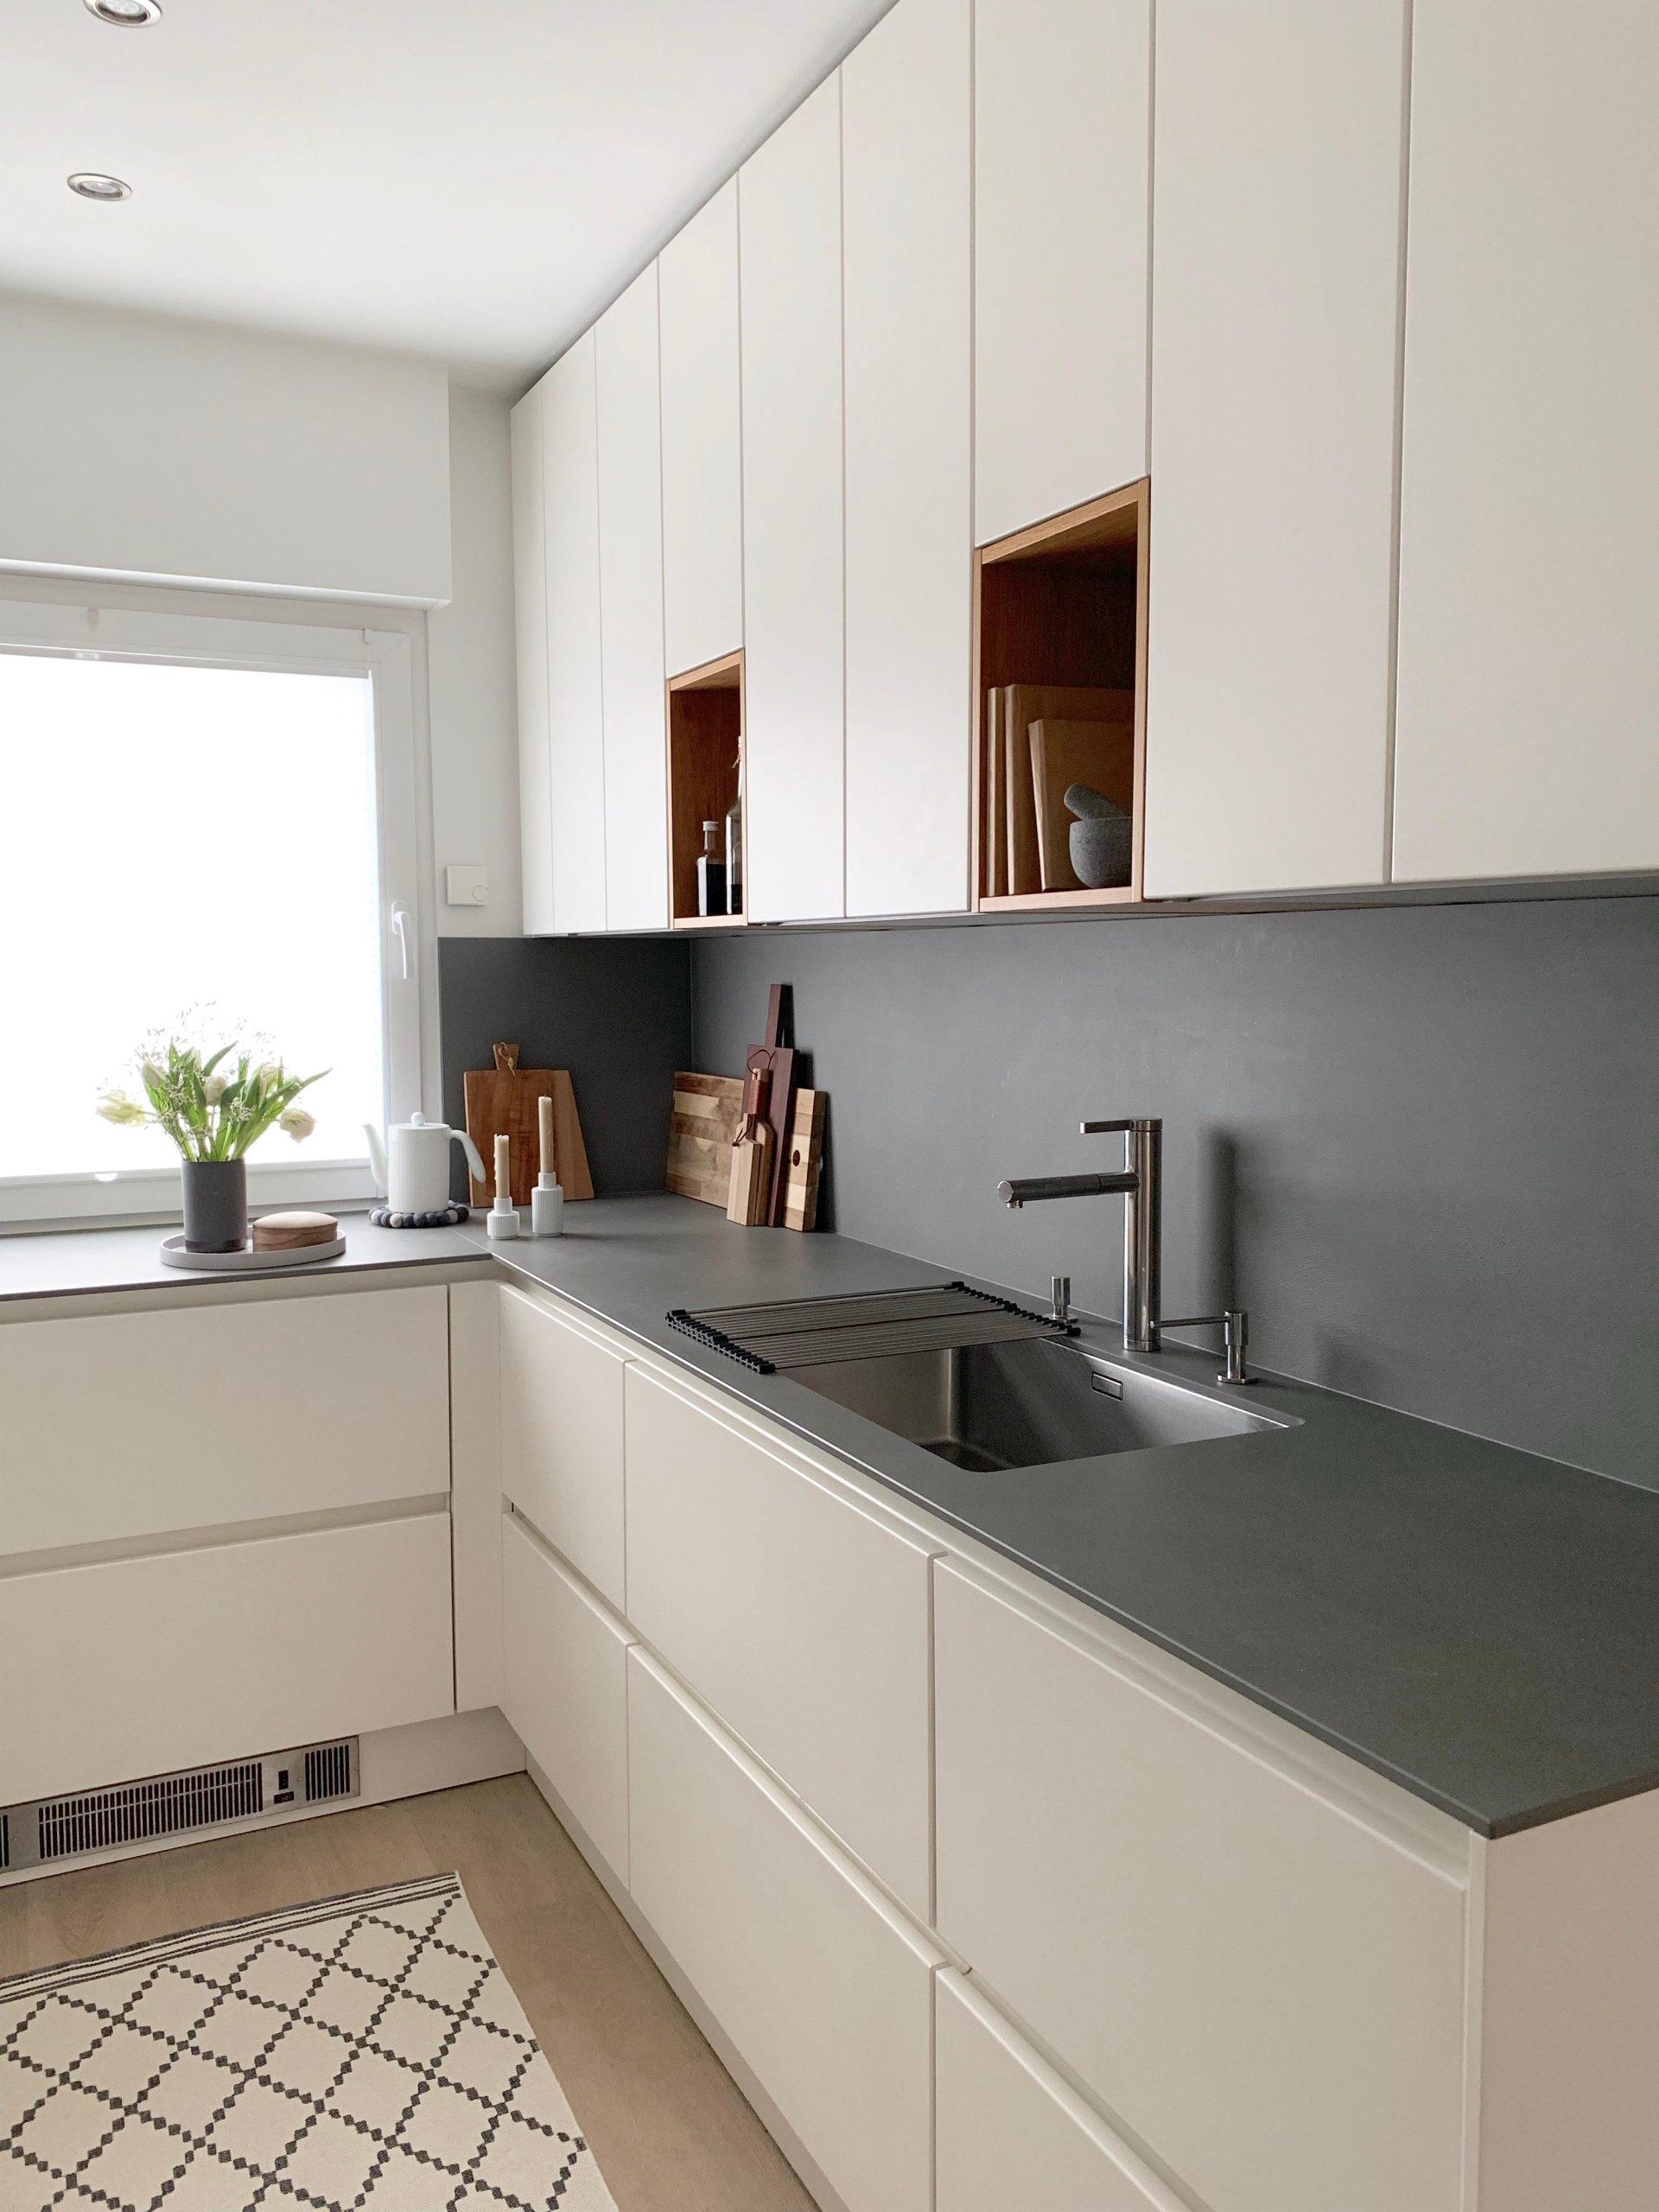 Full Size of Küchen Ideen Grifflose Kche Bilder Couch Bad Renovieren Regal Wohnzimmer Tapeten Wohnzimmer Küchen Ideen